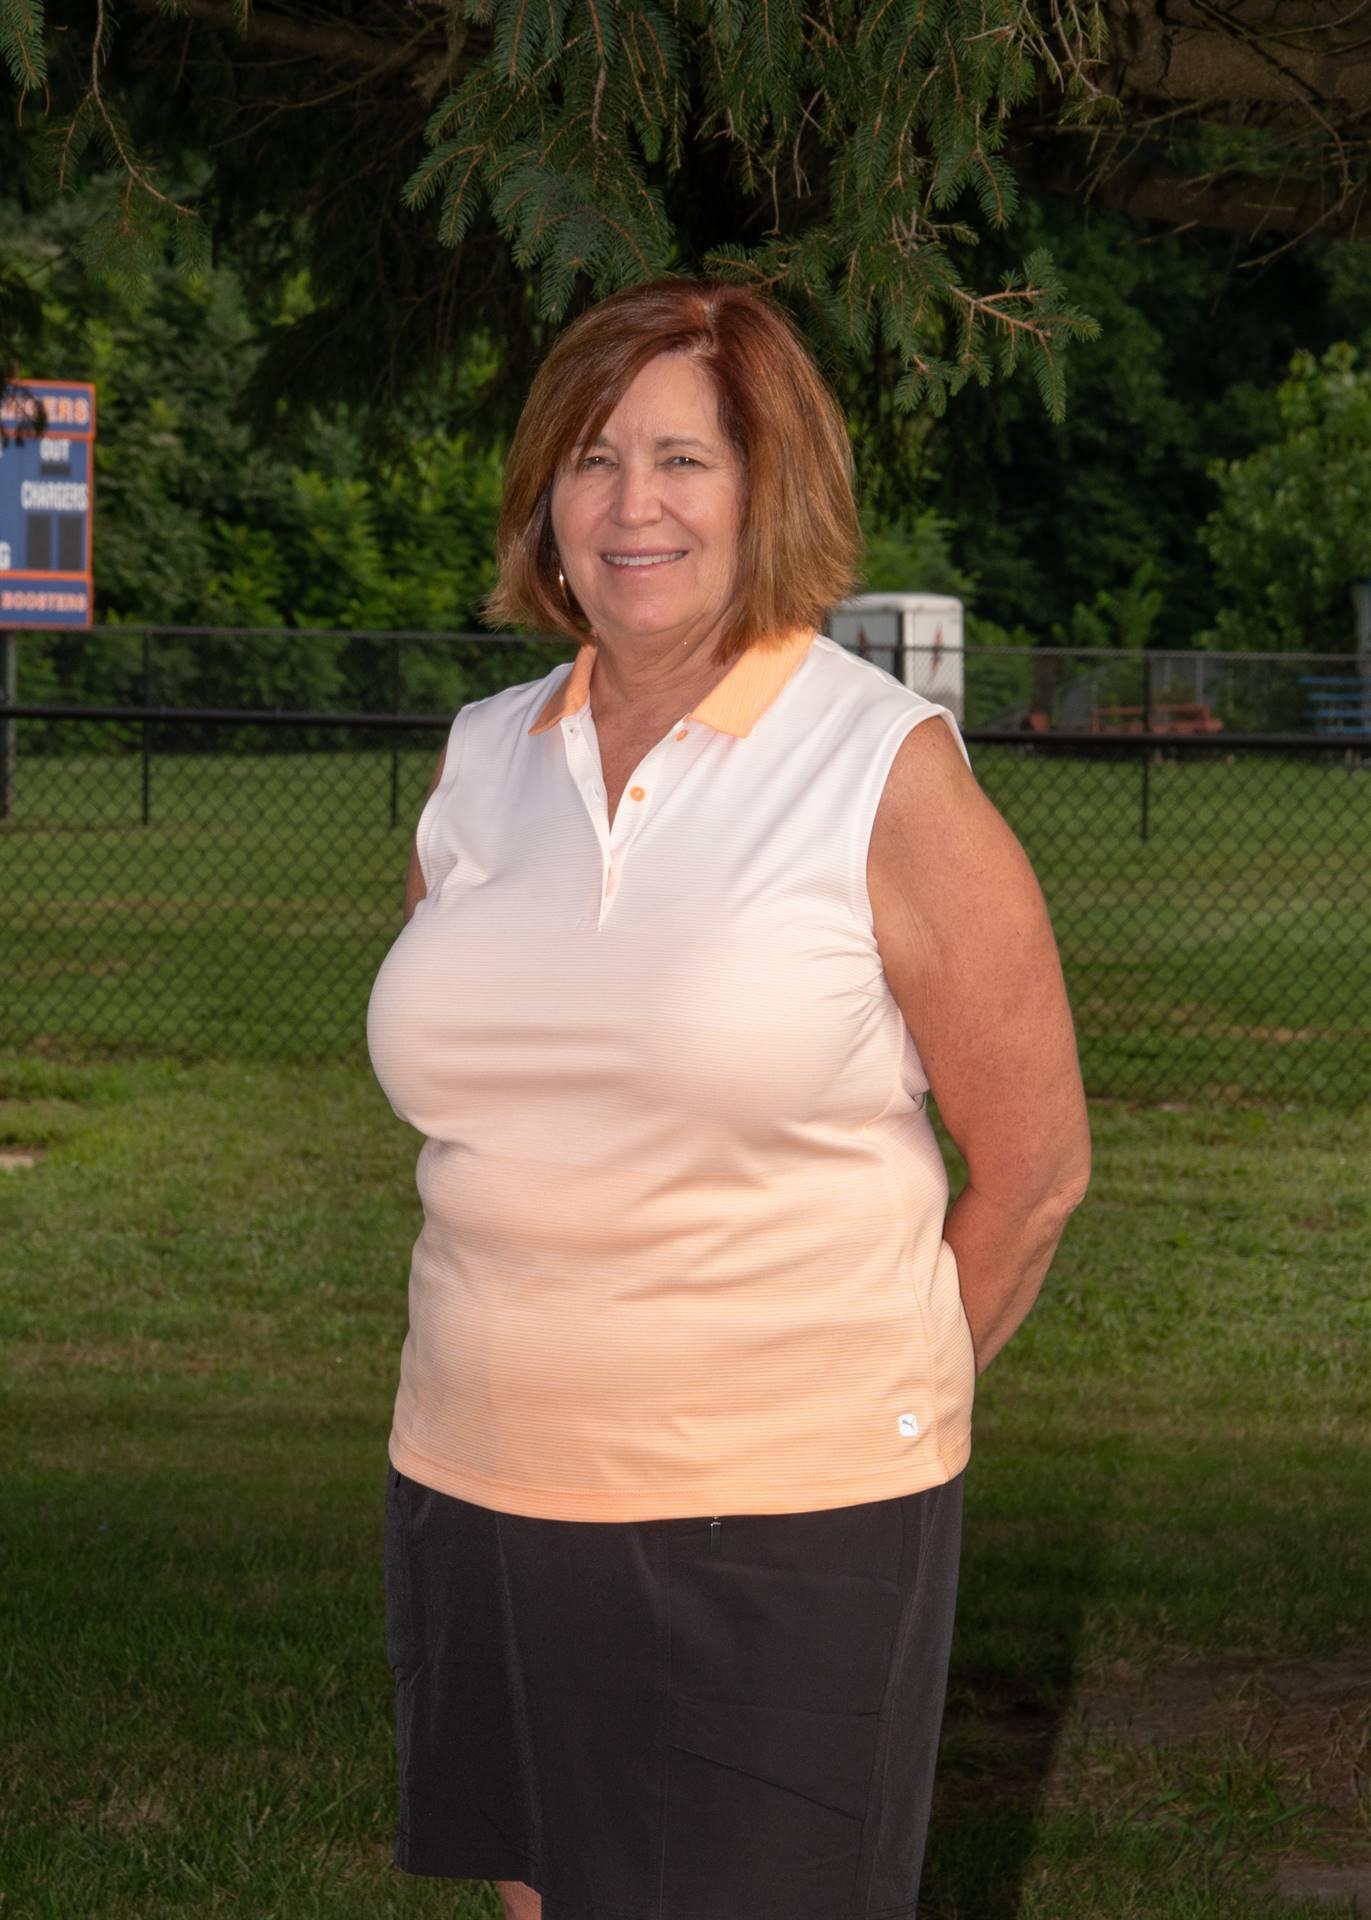 Head Coach - Lisa Kelble